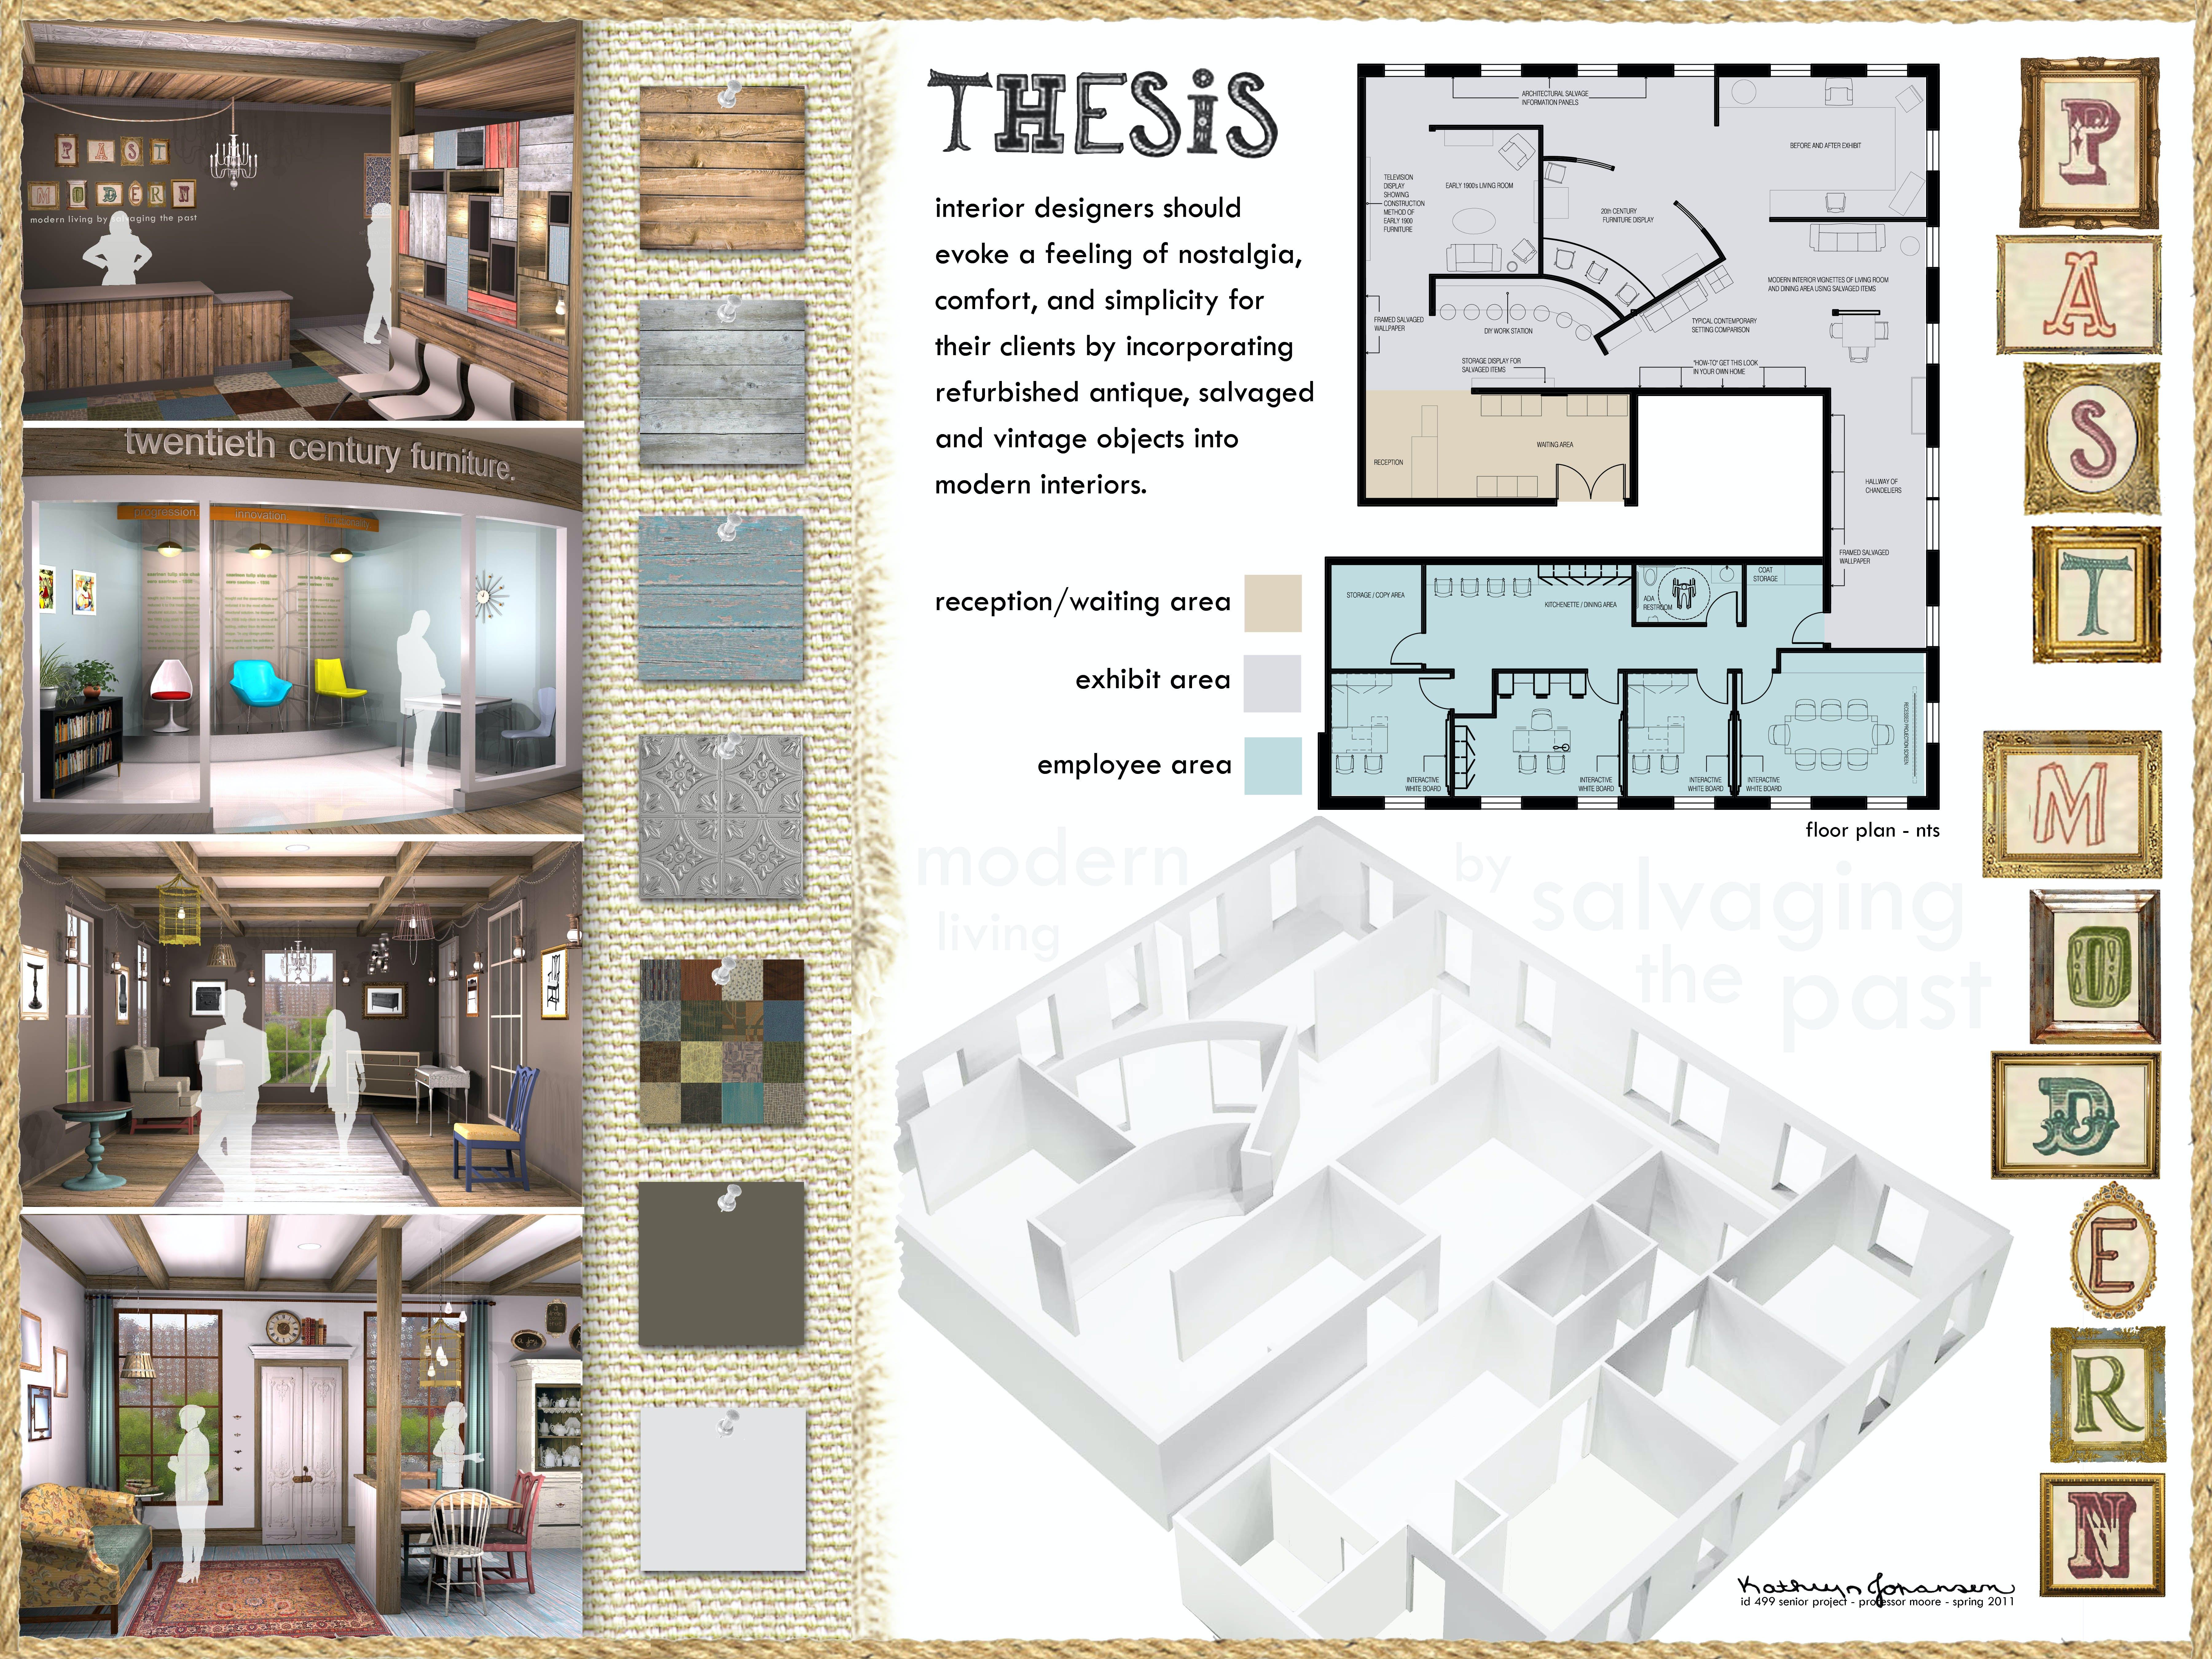 39 past modern 39 exhibit kathryn johansen archinect for Interior design person